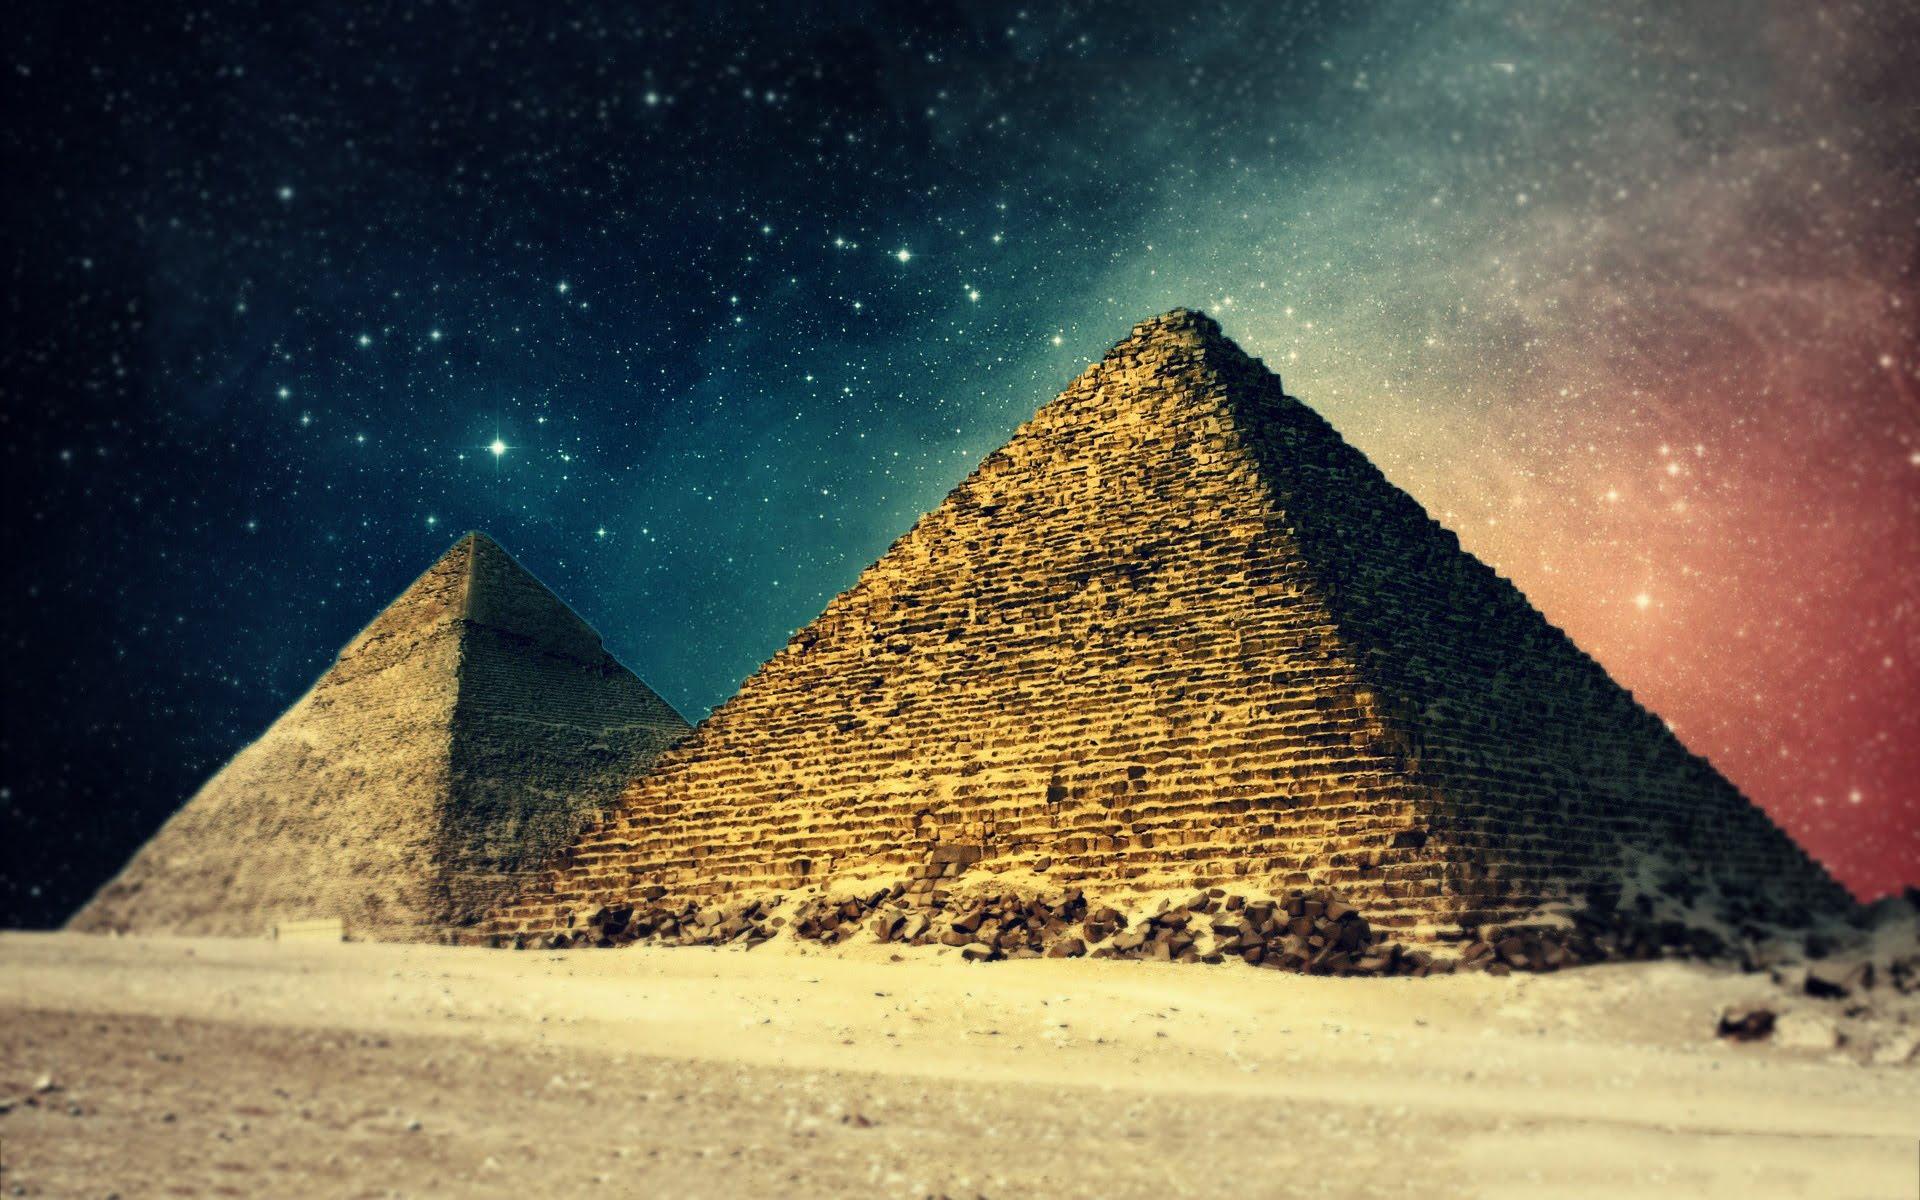 Bu inanılmaz Mısır üçgeni